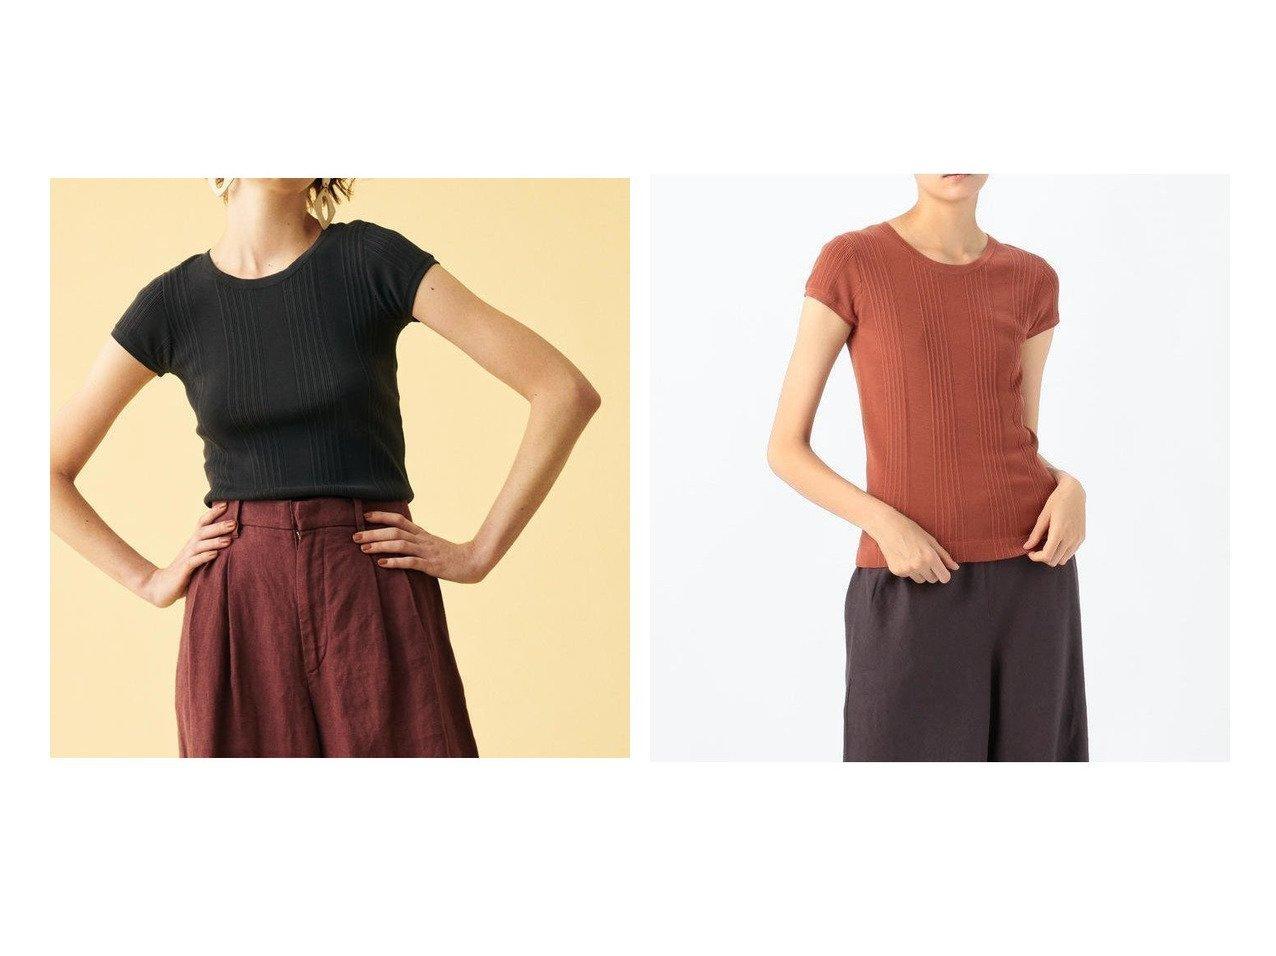 【GALERIE VIE / TOMORROWLAND/ギャルリー ヴィー】のギザコットンランダムリブ クルーネックプルオーバー TOMORROWLANDのおすすめ!人気、トレンド・レディースファッションの通販 おすすめで人気の流行・トレンド、ファッションの通販商品 メンズファッション・キッズファッション・インテリア・家具・レディースファッション・服の通販 founy(ファニー) https://founy.com/ ファッション Fashion レディースファッション WOMEN トップス Tops Tshirt ニット Knit Tops プルオーバー Pullover 2020年 2020 2020 春夏 S/S SS Spring/Summer 2020 S/S 春夏 SS Spring/Summer コンパクト シンプル セーター バランス フィット  ID:crp329100000019147